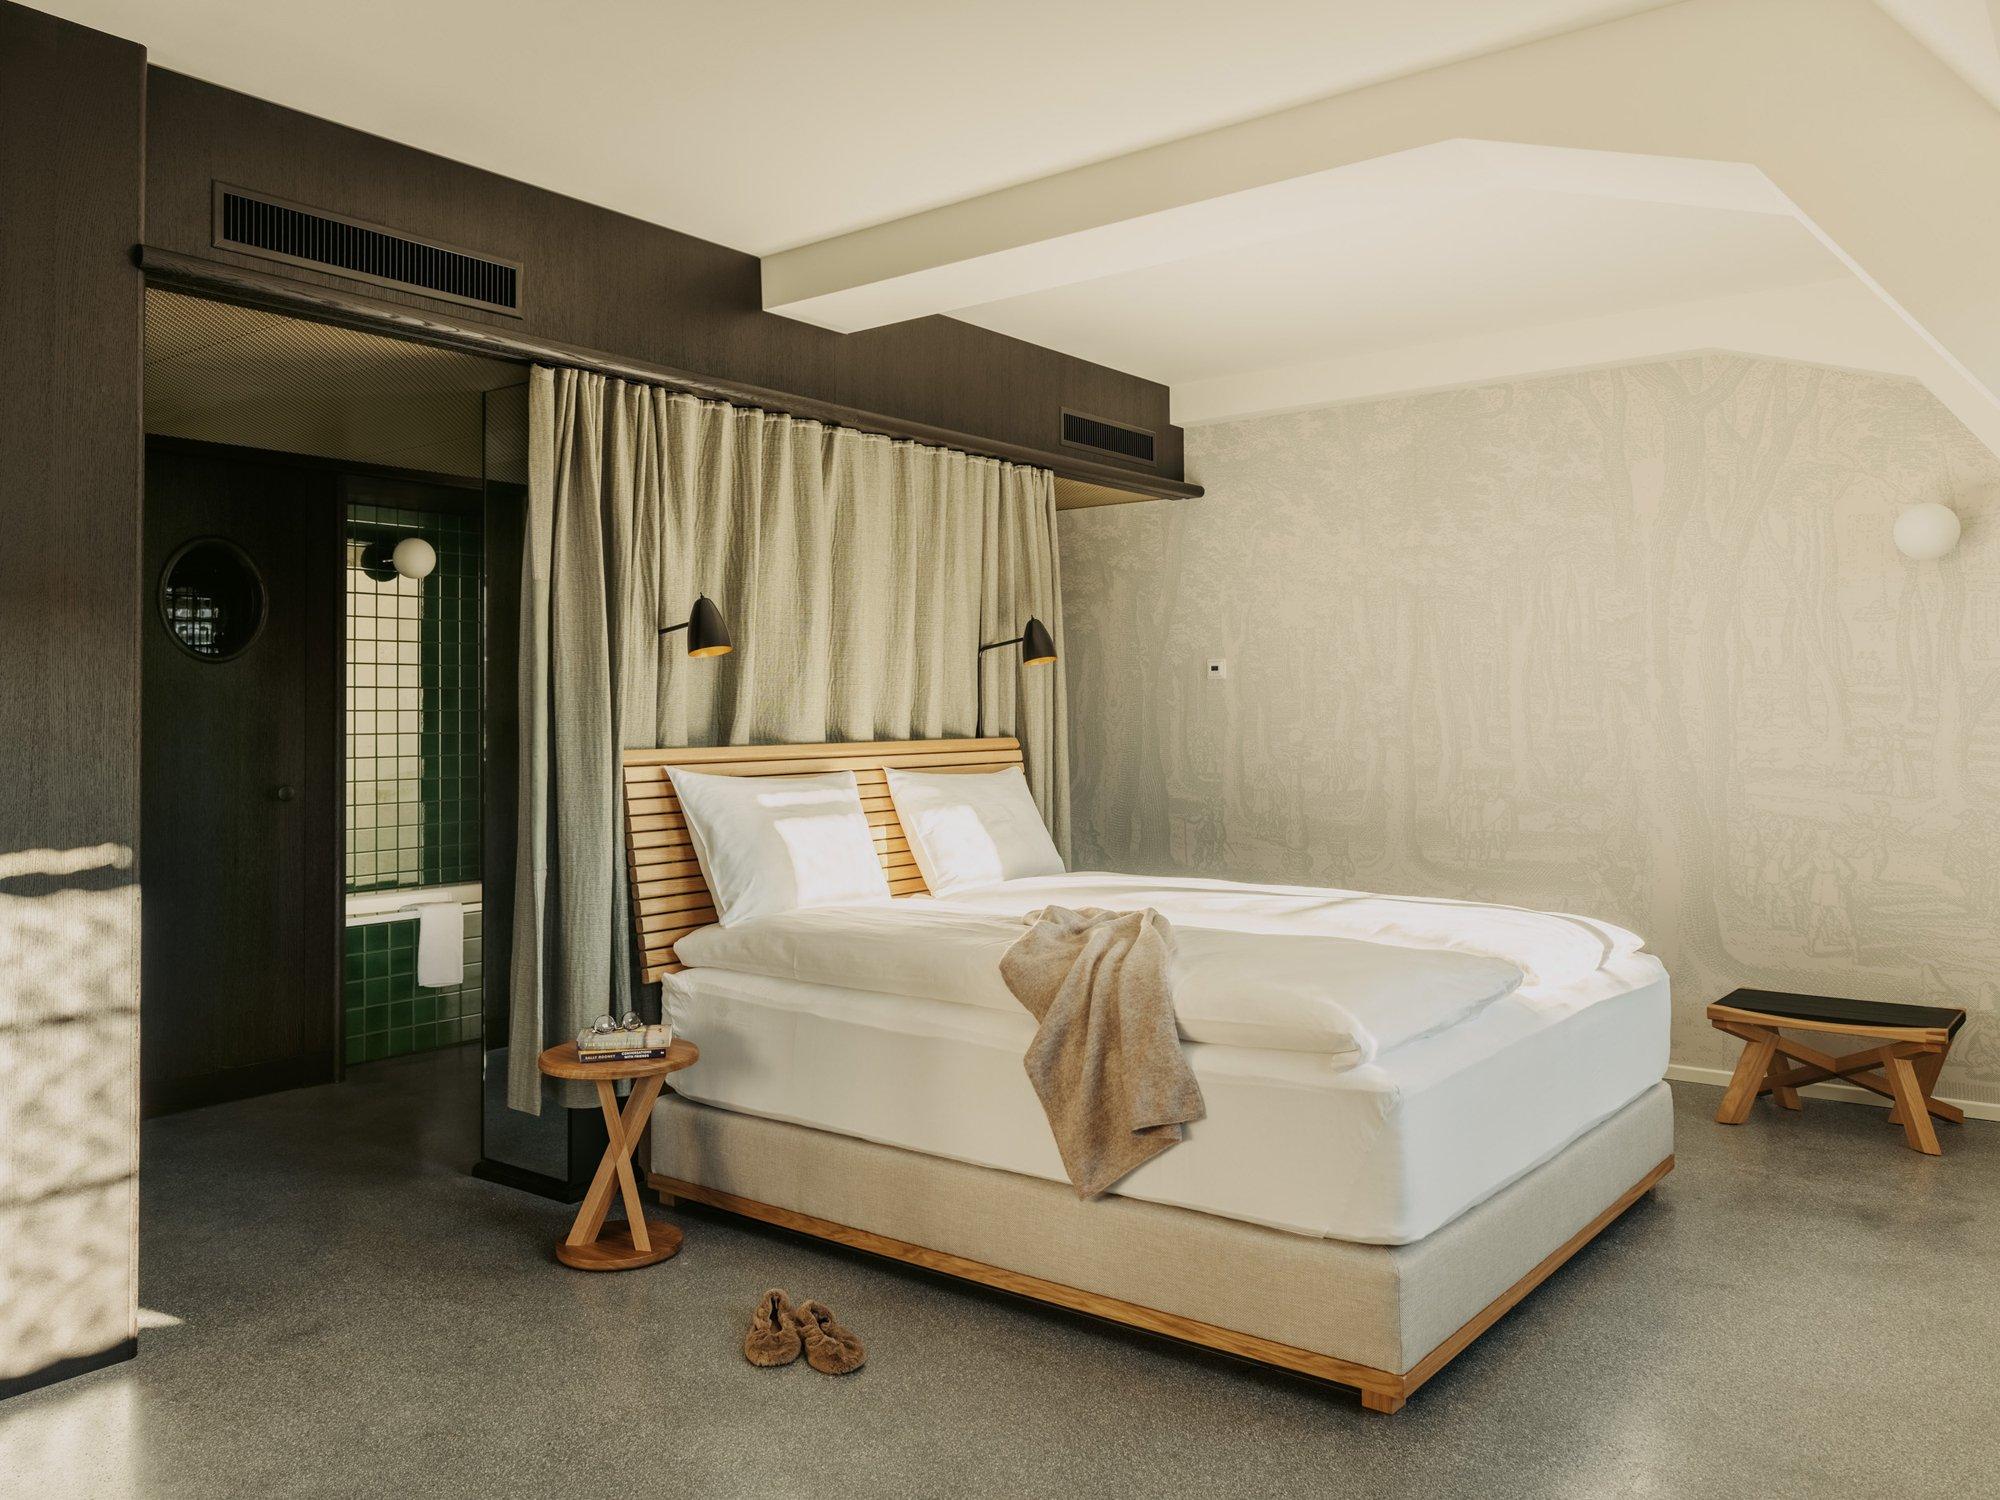 Die Betten sind mit den Kopfenden ebenfallszu freistehenden Trennwändenausgerichtet. Schwere Vorhängekönnen entlang von Deckenschienen zur Seite geschoben werden, um den Eingang zum Schlafbereich abzutrennen.